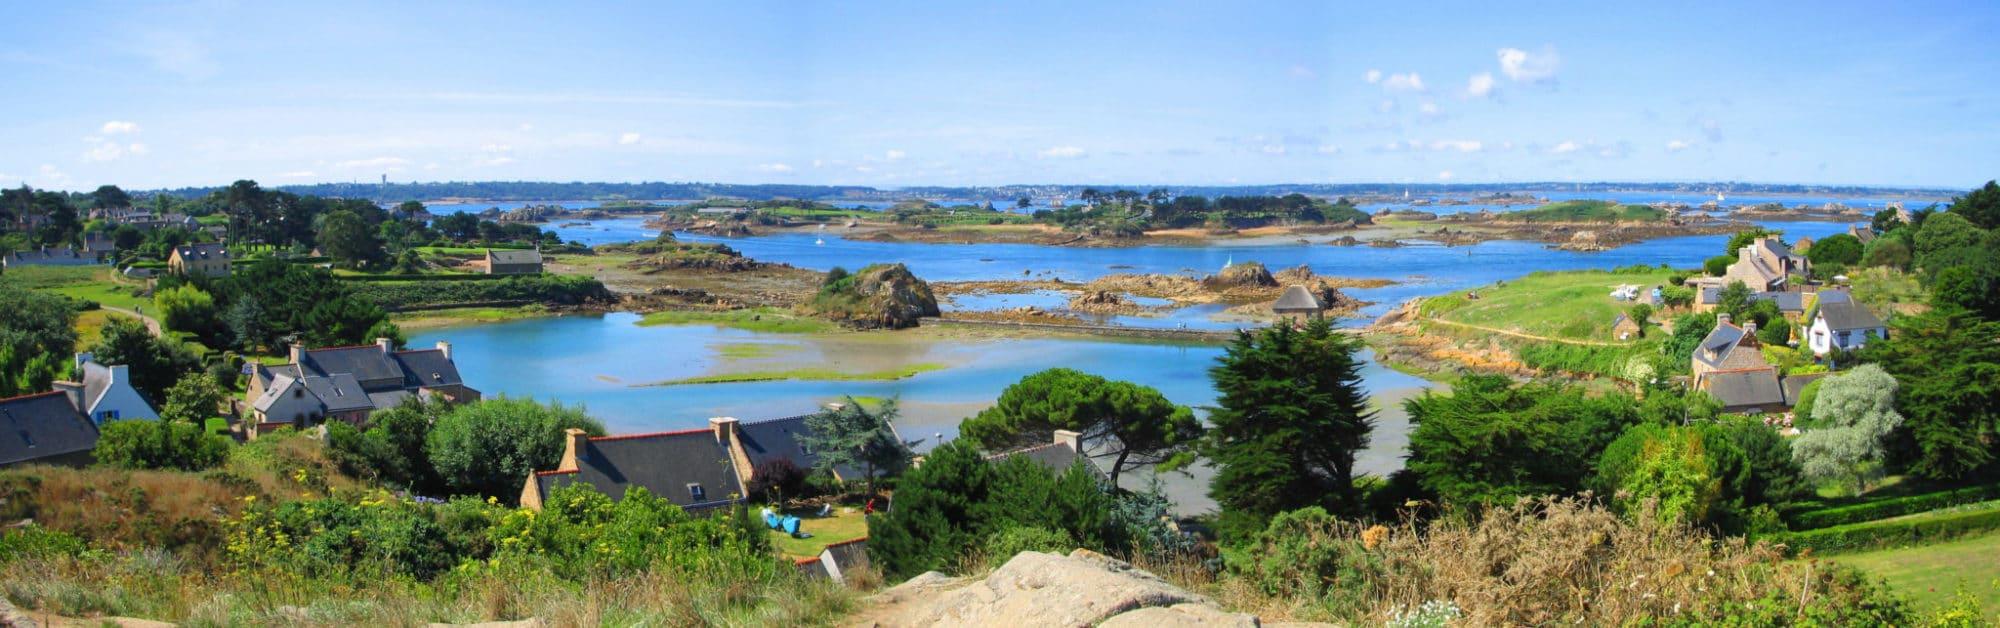 Île de Bréhat - Photo et Panorama - Phare en Bretagne - Découvrez nos conseils et nos astuces pour visiter la Bretagne grâce à nos récits d évitages sur notre blog Voyage Vos Plus Belles Destinations - Instagram @MerveillesdeFrance